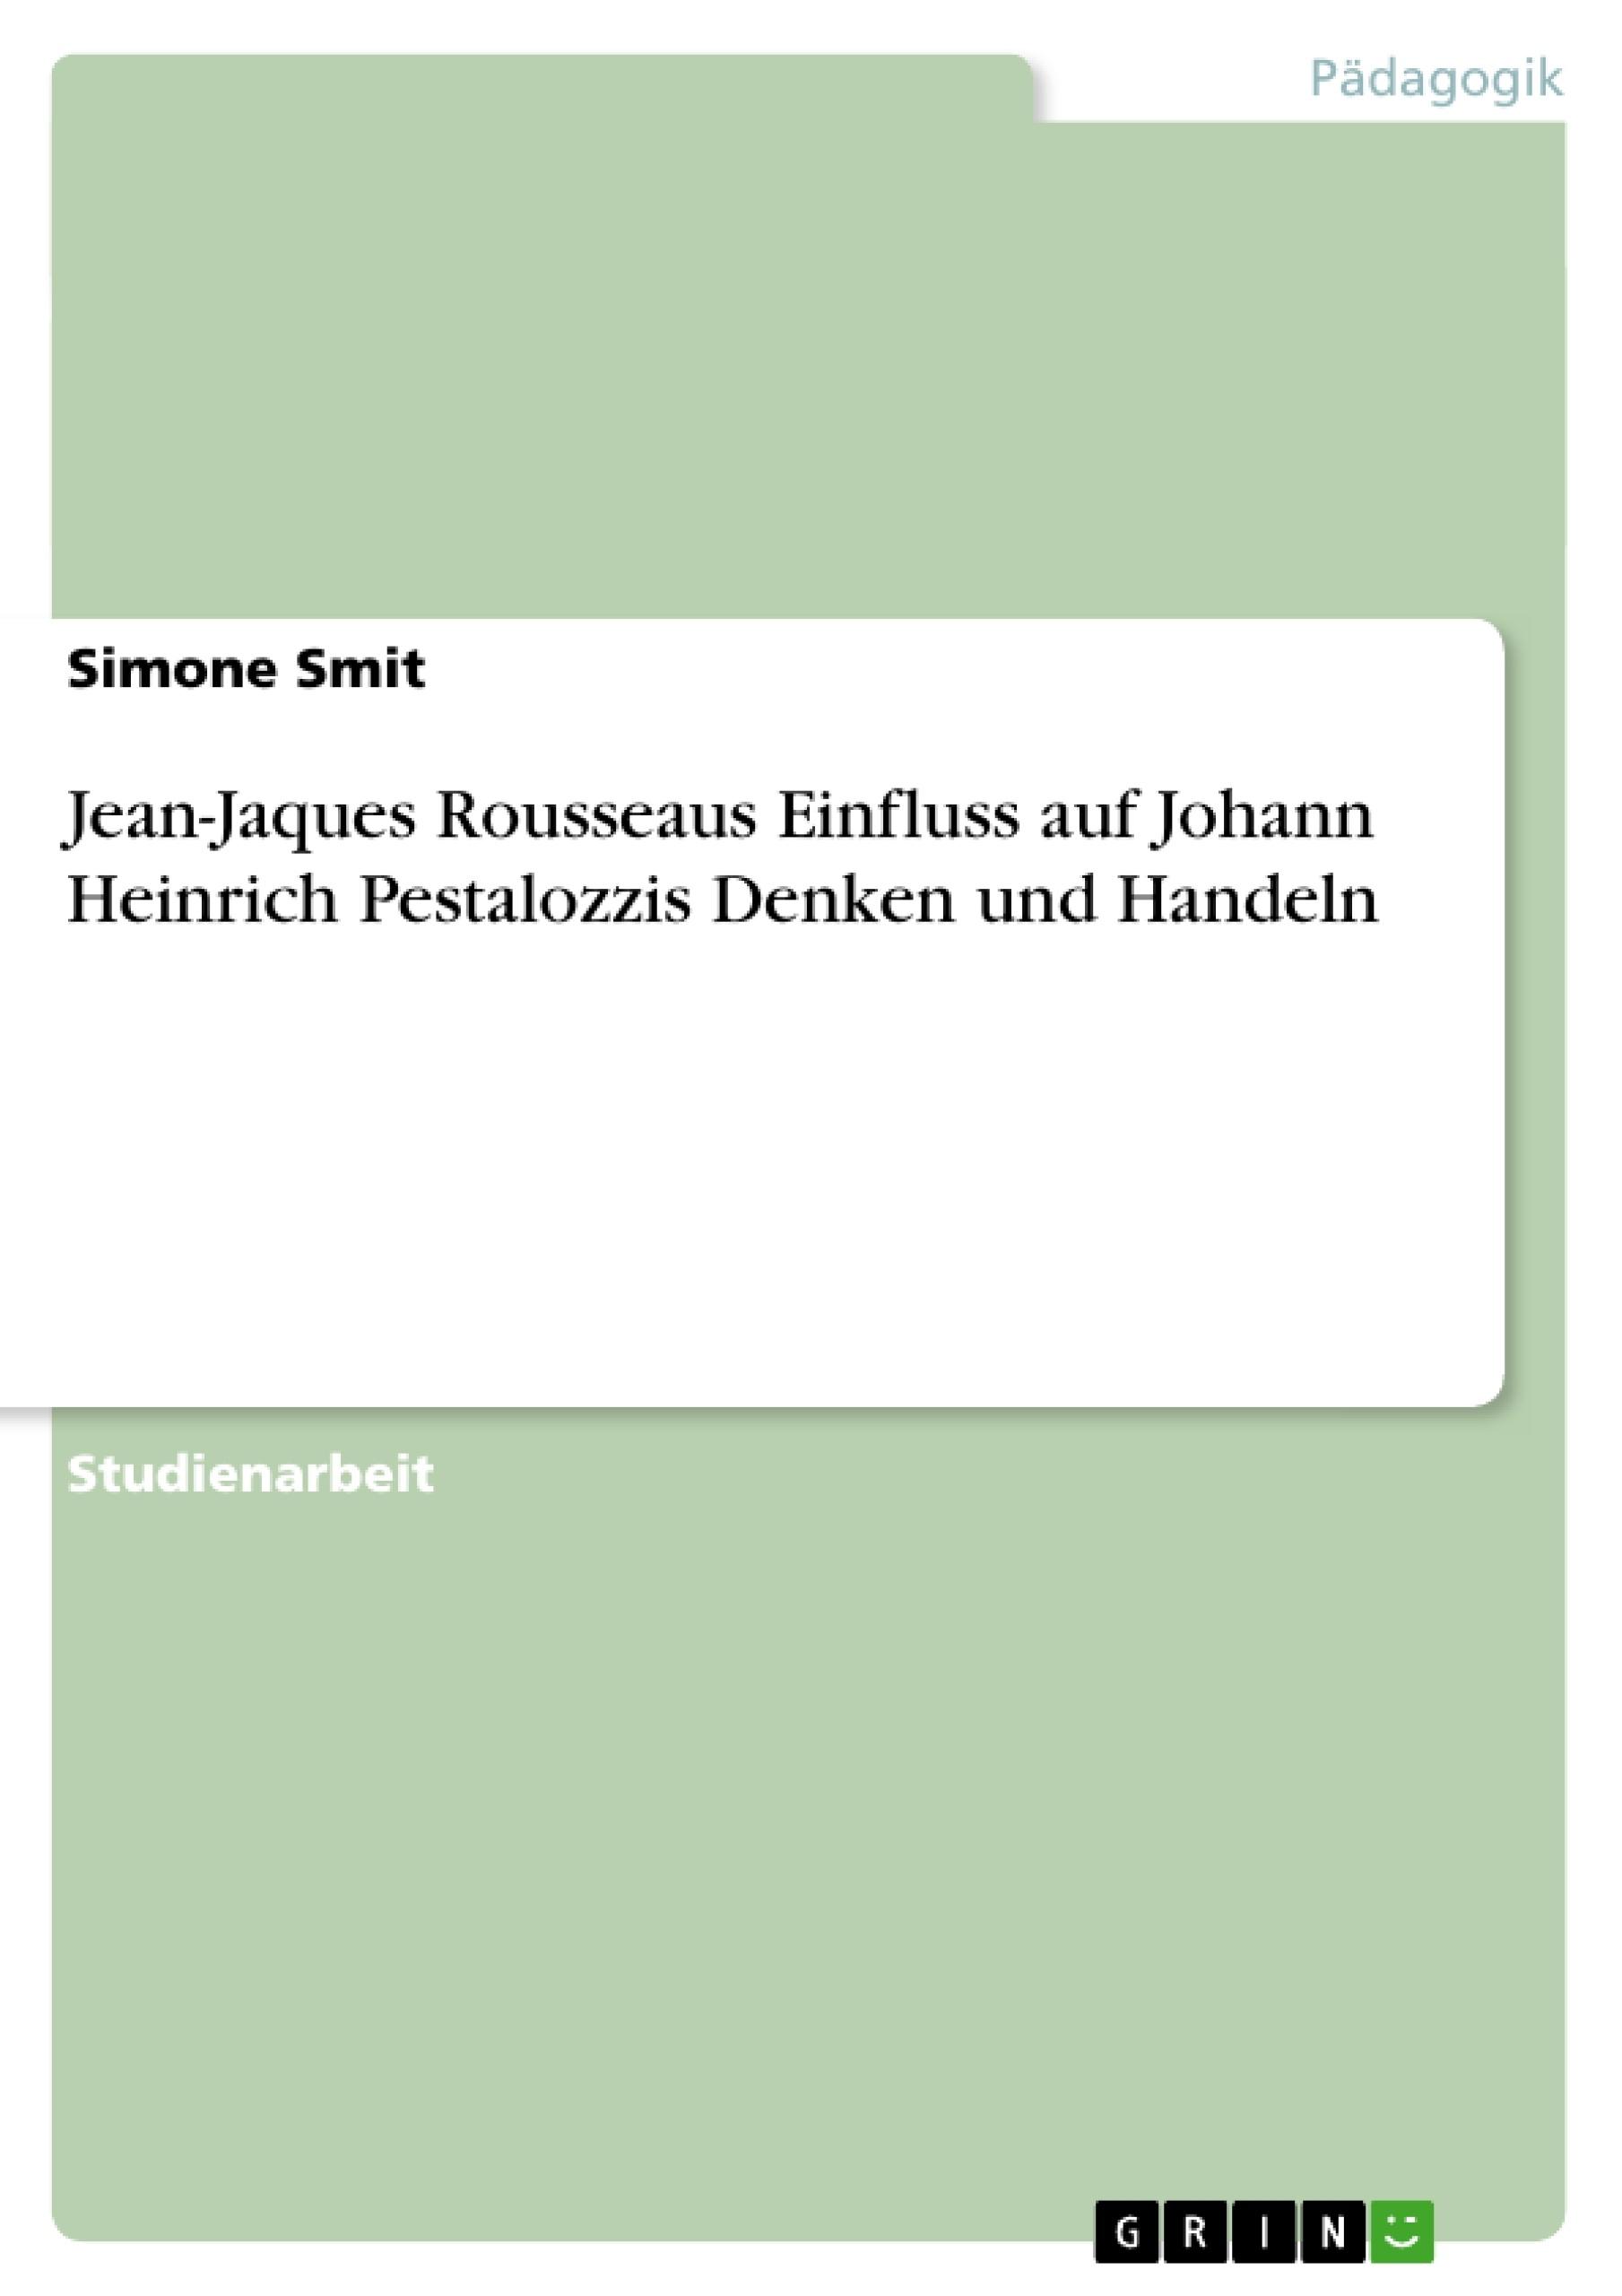 Titel: Jean-Jaques Rousseaus Einfluss auf Johann Heinrich Pestalozzis Denken und Handeln